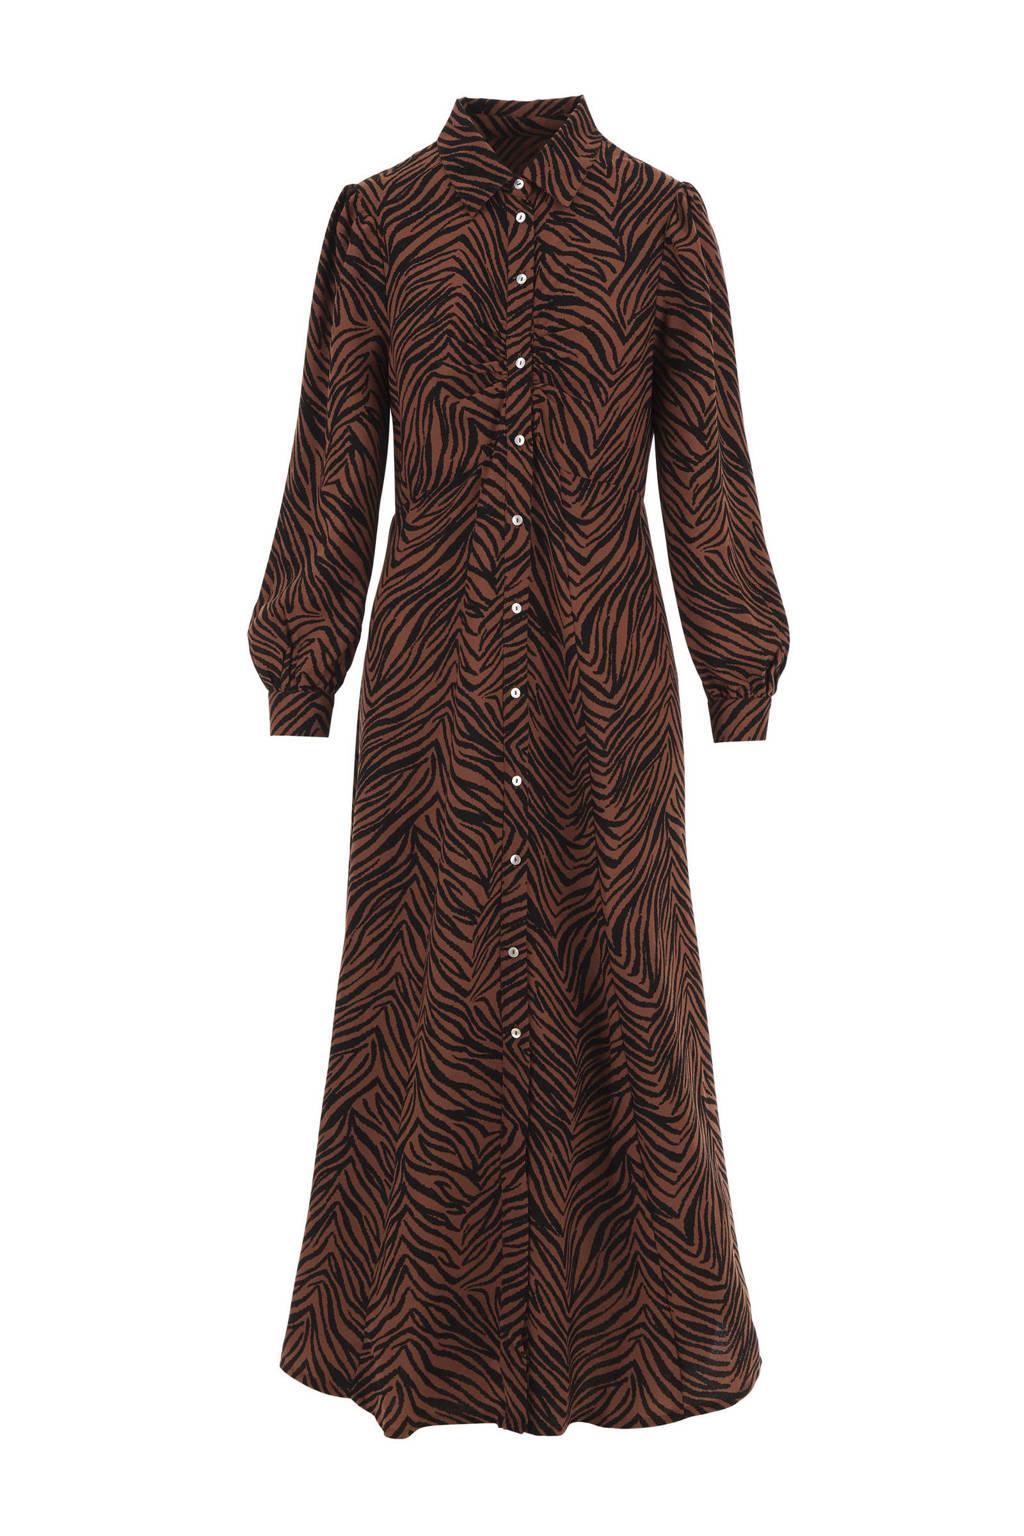 JD Williams maxi jurk met zebraprint en plooien bruin/zwart, Bruin/zwart